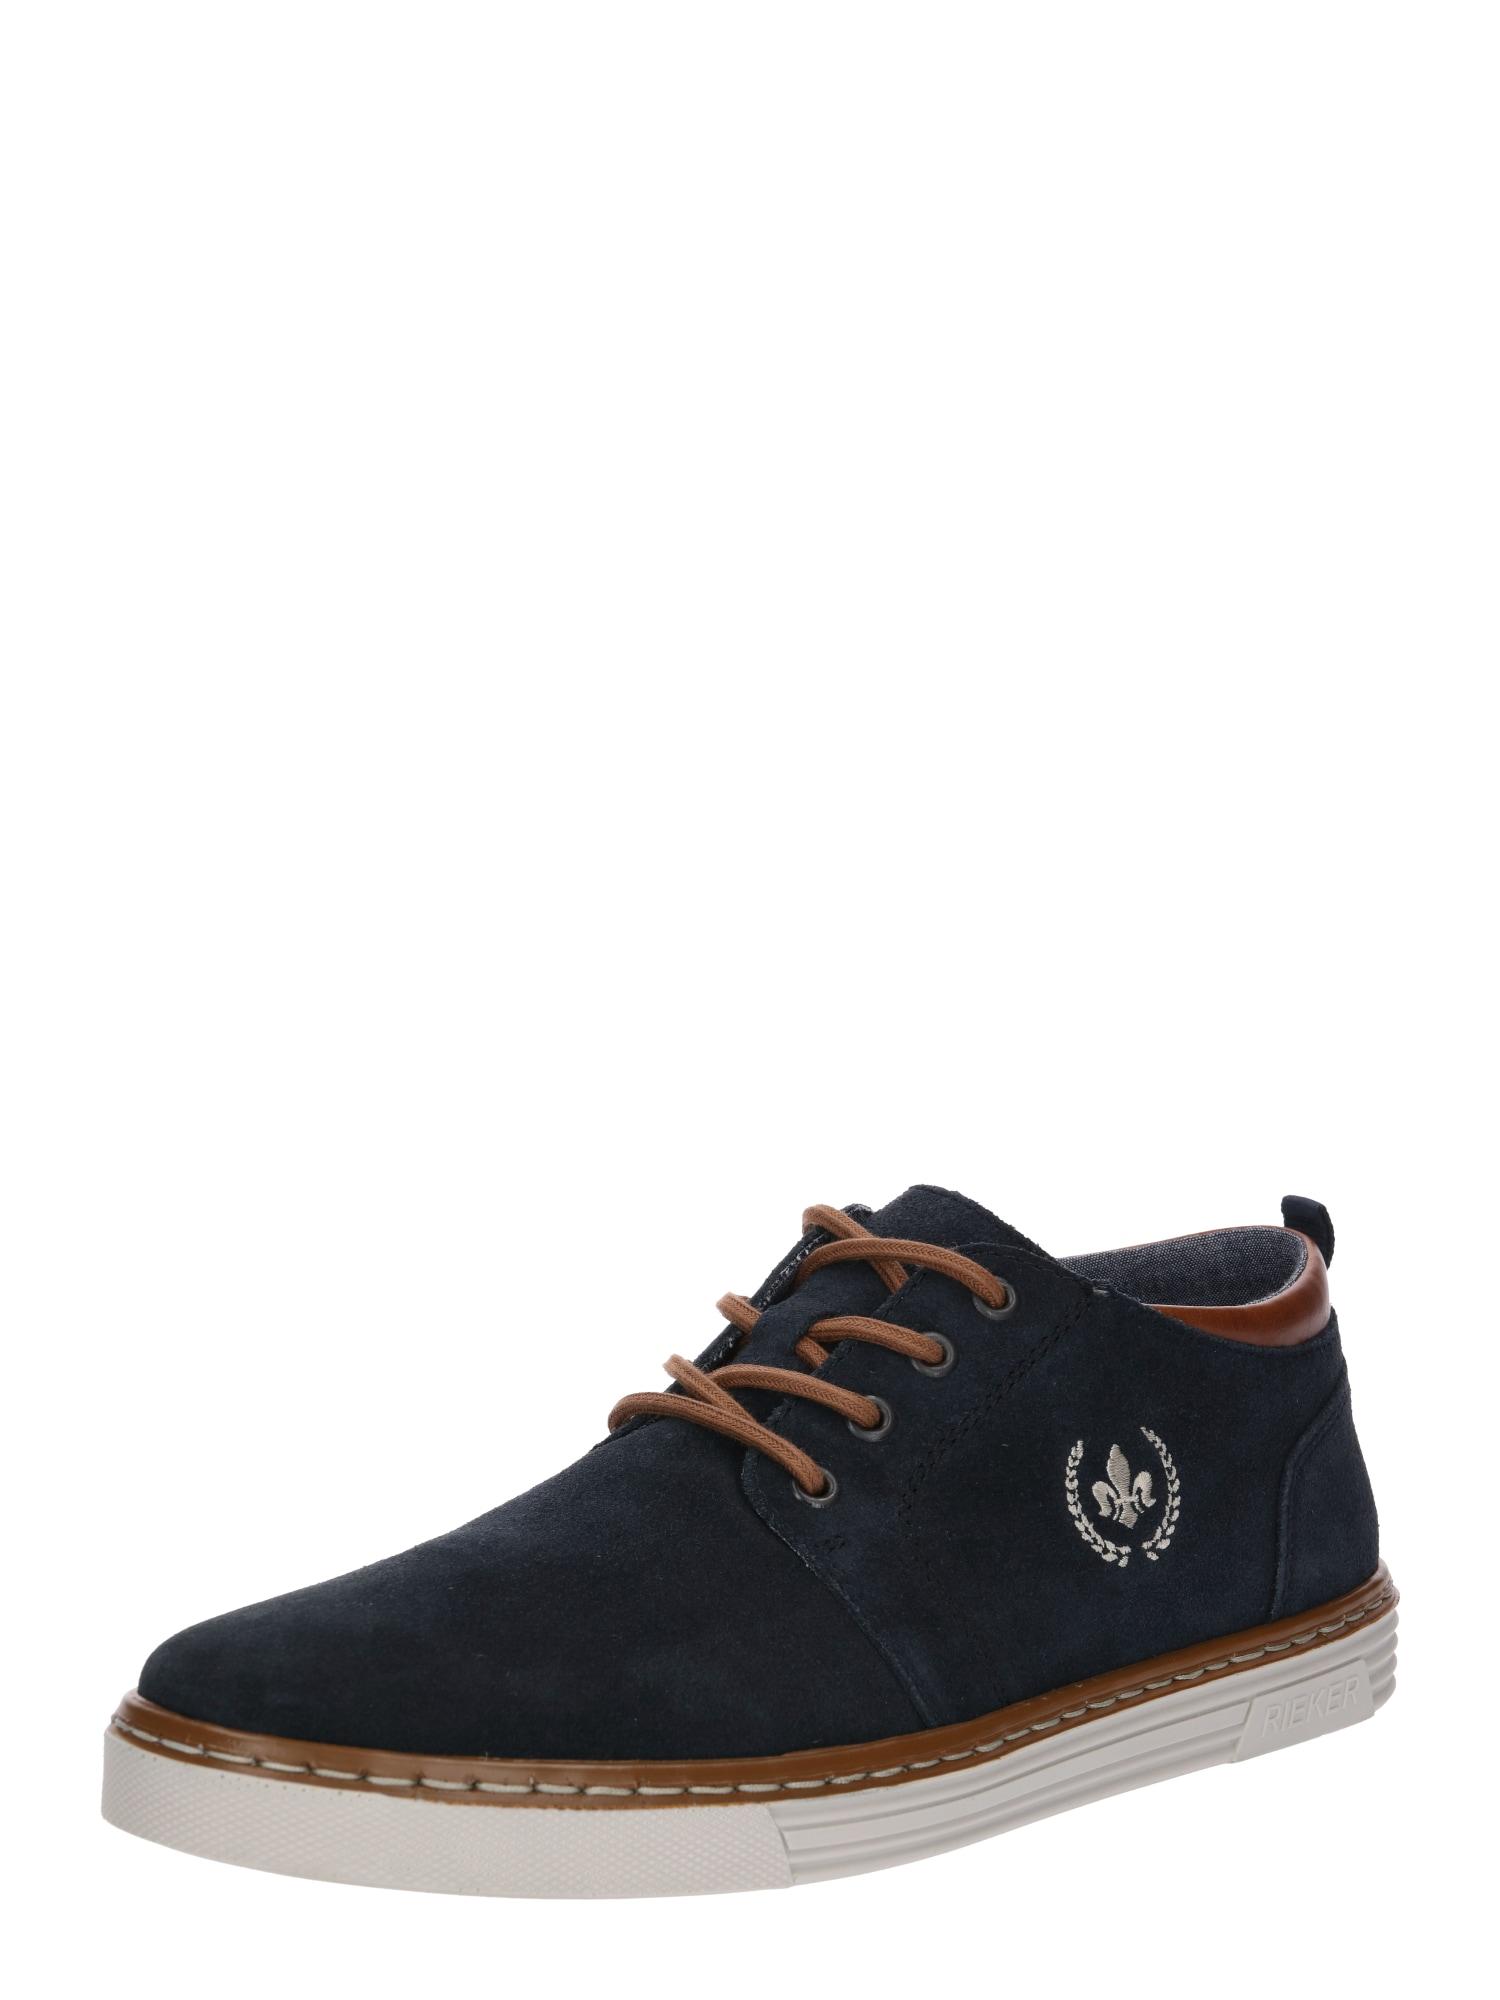 RIEKER Šněrovací boty 'B4930-14'  námořnická modř / hnědá